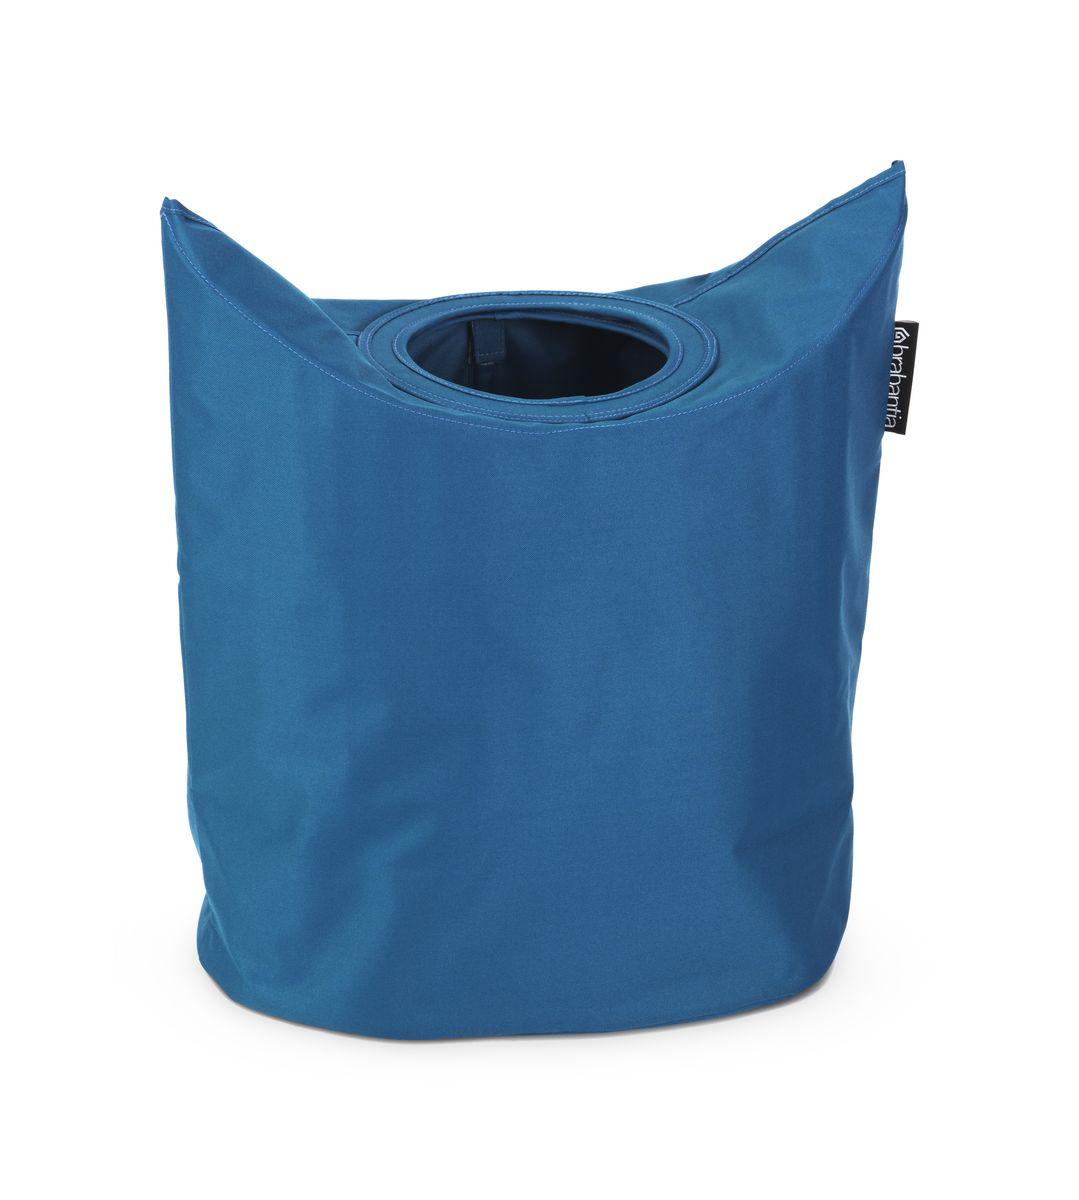 Сумка для белья Brabantia, цвет: синий. 102486531-105Оригинальная сумка для белья экономит место и превращает вашу стирку в увлекательное занятие. С помощью складывающихся магнитных ручек сумка закрывается и превращается в корзину для белья с загрузочным отверстием. Собрались стирать? Поднимите ручки, и ваша сумка готова к использованию. Загрузочное отверстие для быстрой загрузки белья – просто сложите магнитные ручки; Большие удобные ручки для переноски; Удобно загружать белье в стиральную машину – большая вместимость и широкое отверстие; 2 года гарантии Brabantia.